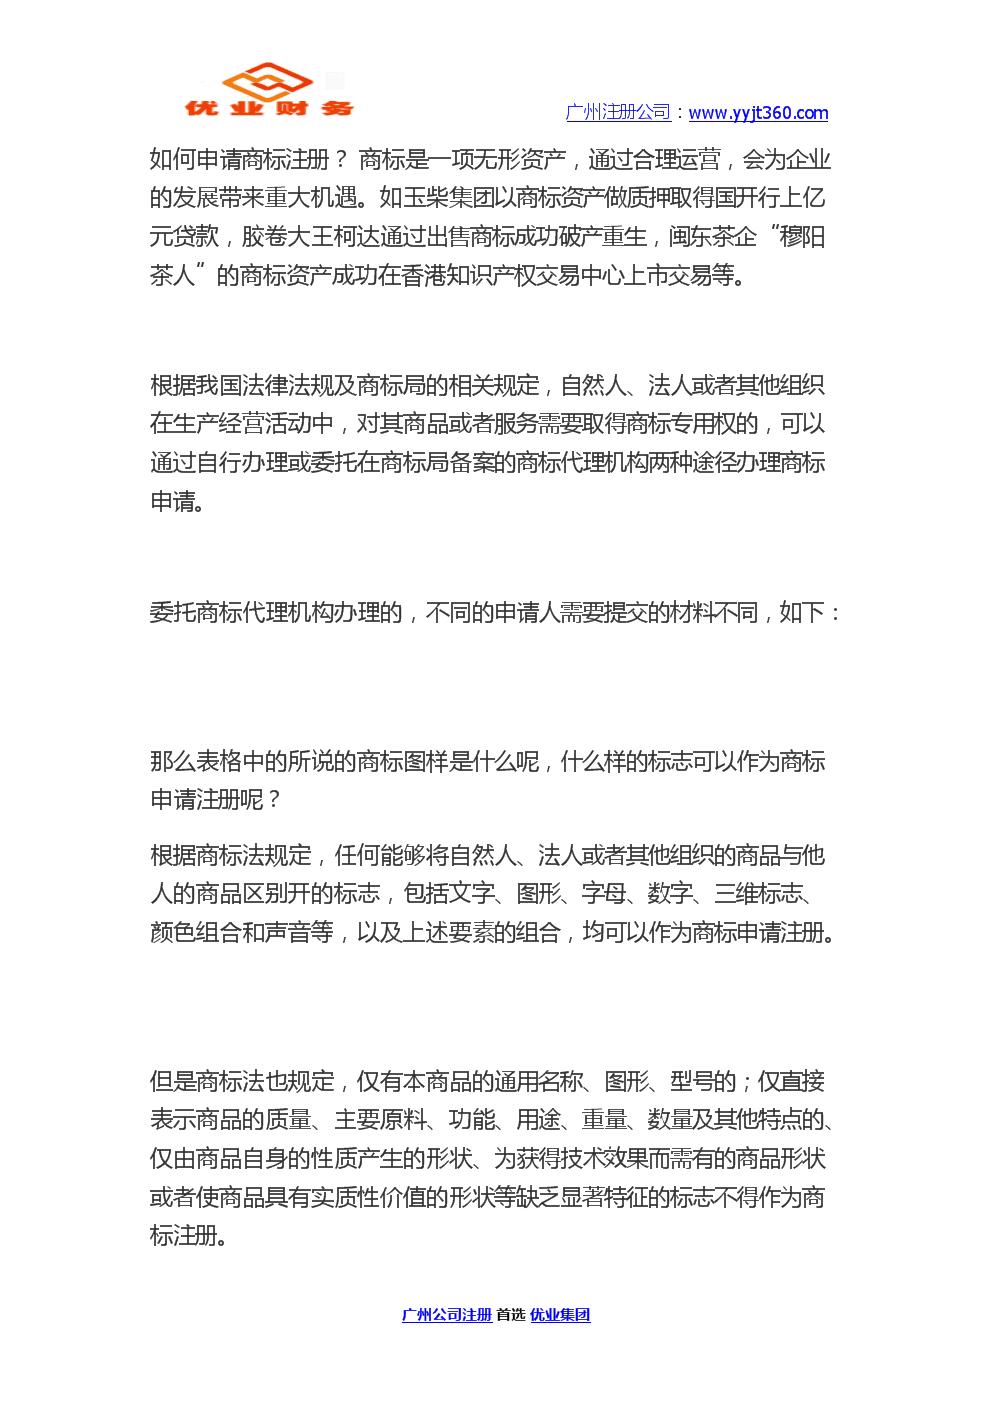 如何申请商标注册 优业集团.docx